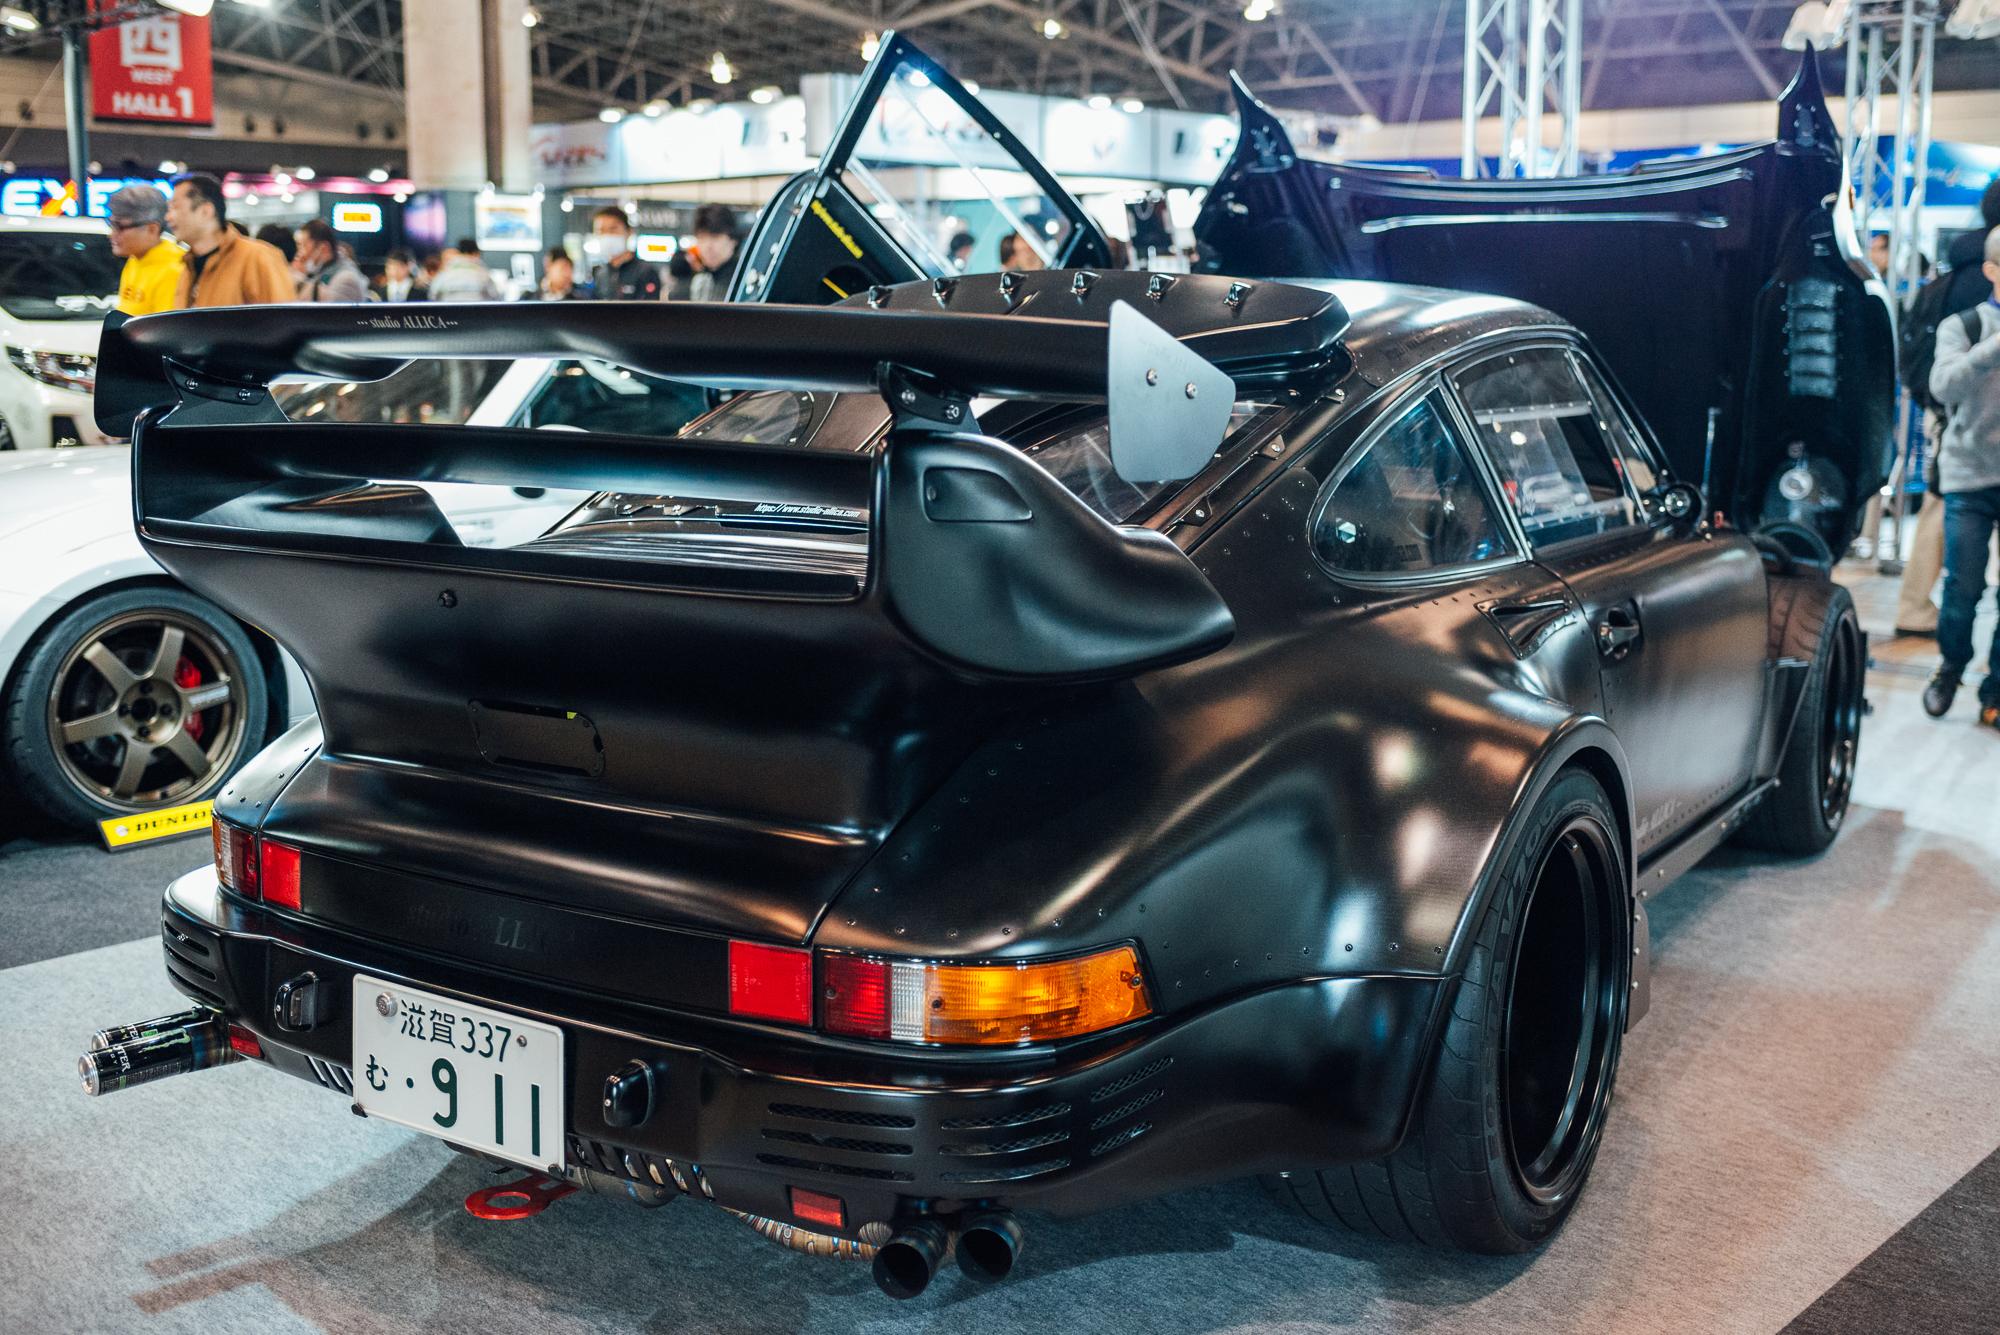 Studio Allica's 911 at Tokyo Auto Salon